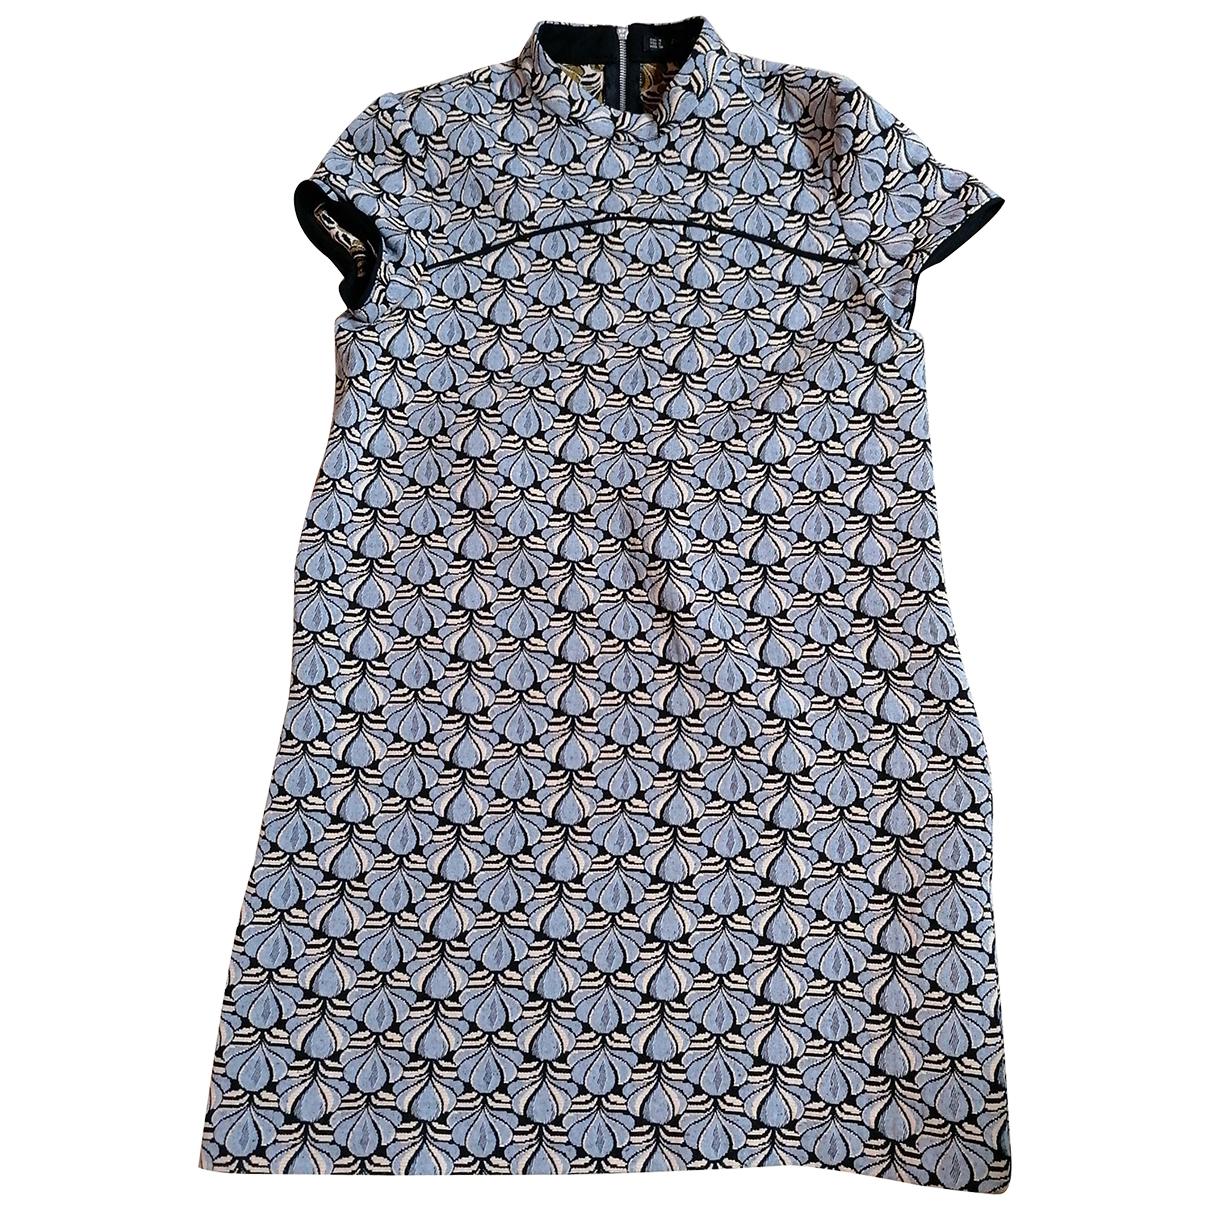 Zara - Robe   pour femme en coton - elasthane - bleu